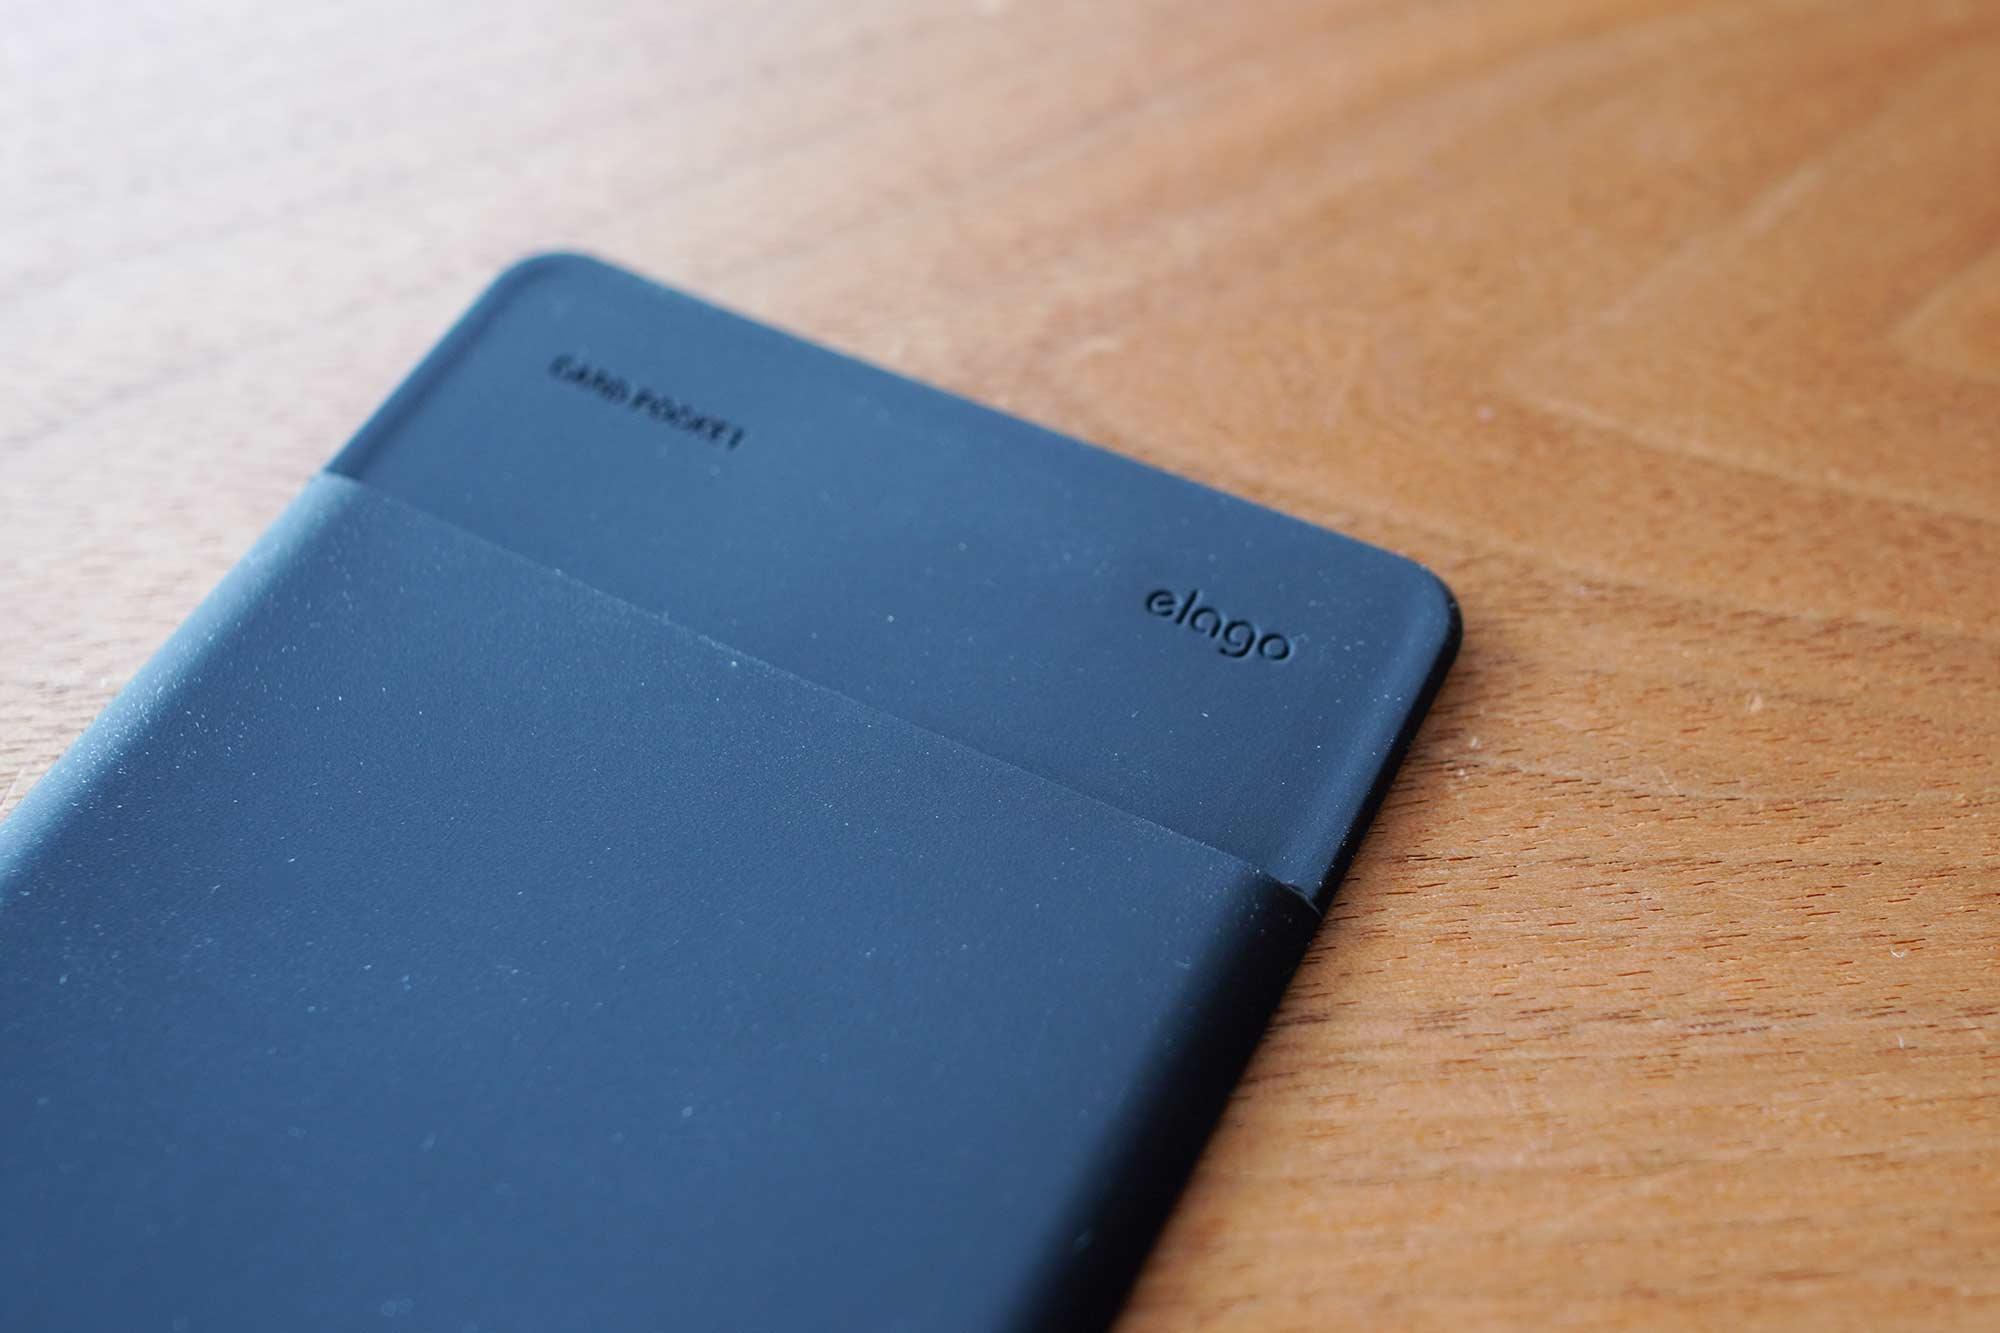 elago,背面ポケット,カードホルダー,カードポケット,お洒落,使いやすい,安い,カッコいい